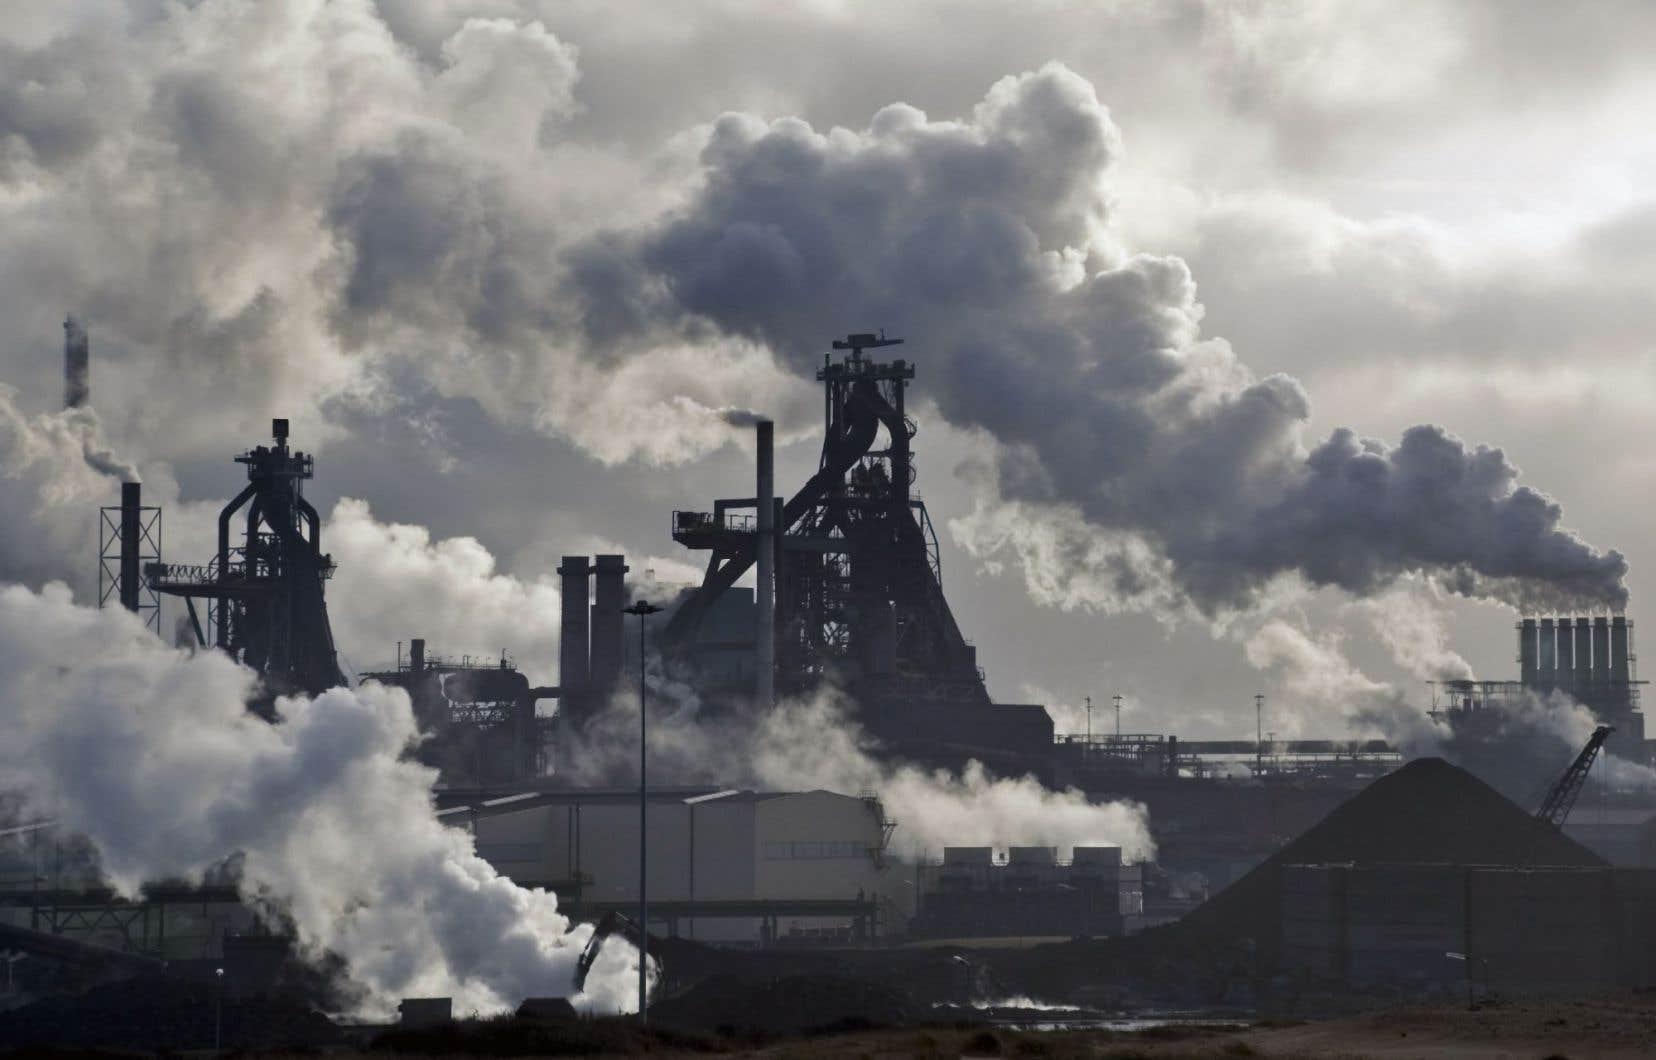 La communauté internationale s'est engagée à la Conférence de Paris sur le climat, en décembre 2015, à réduire les émissions de gaz à effet de serre afin de juguler le réchauffement climatique.